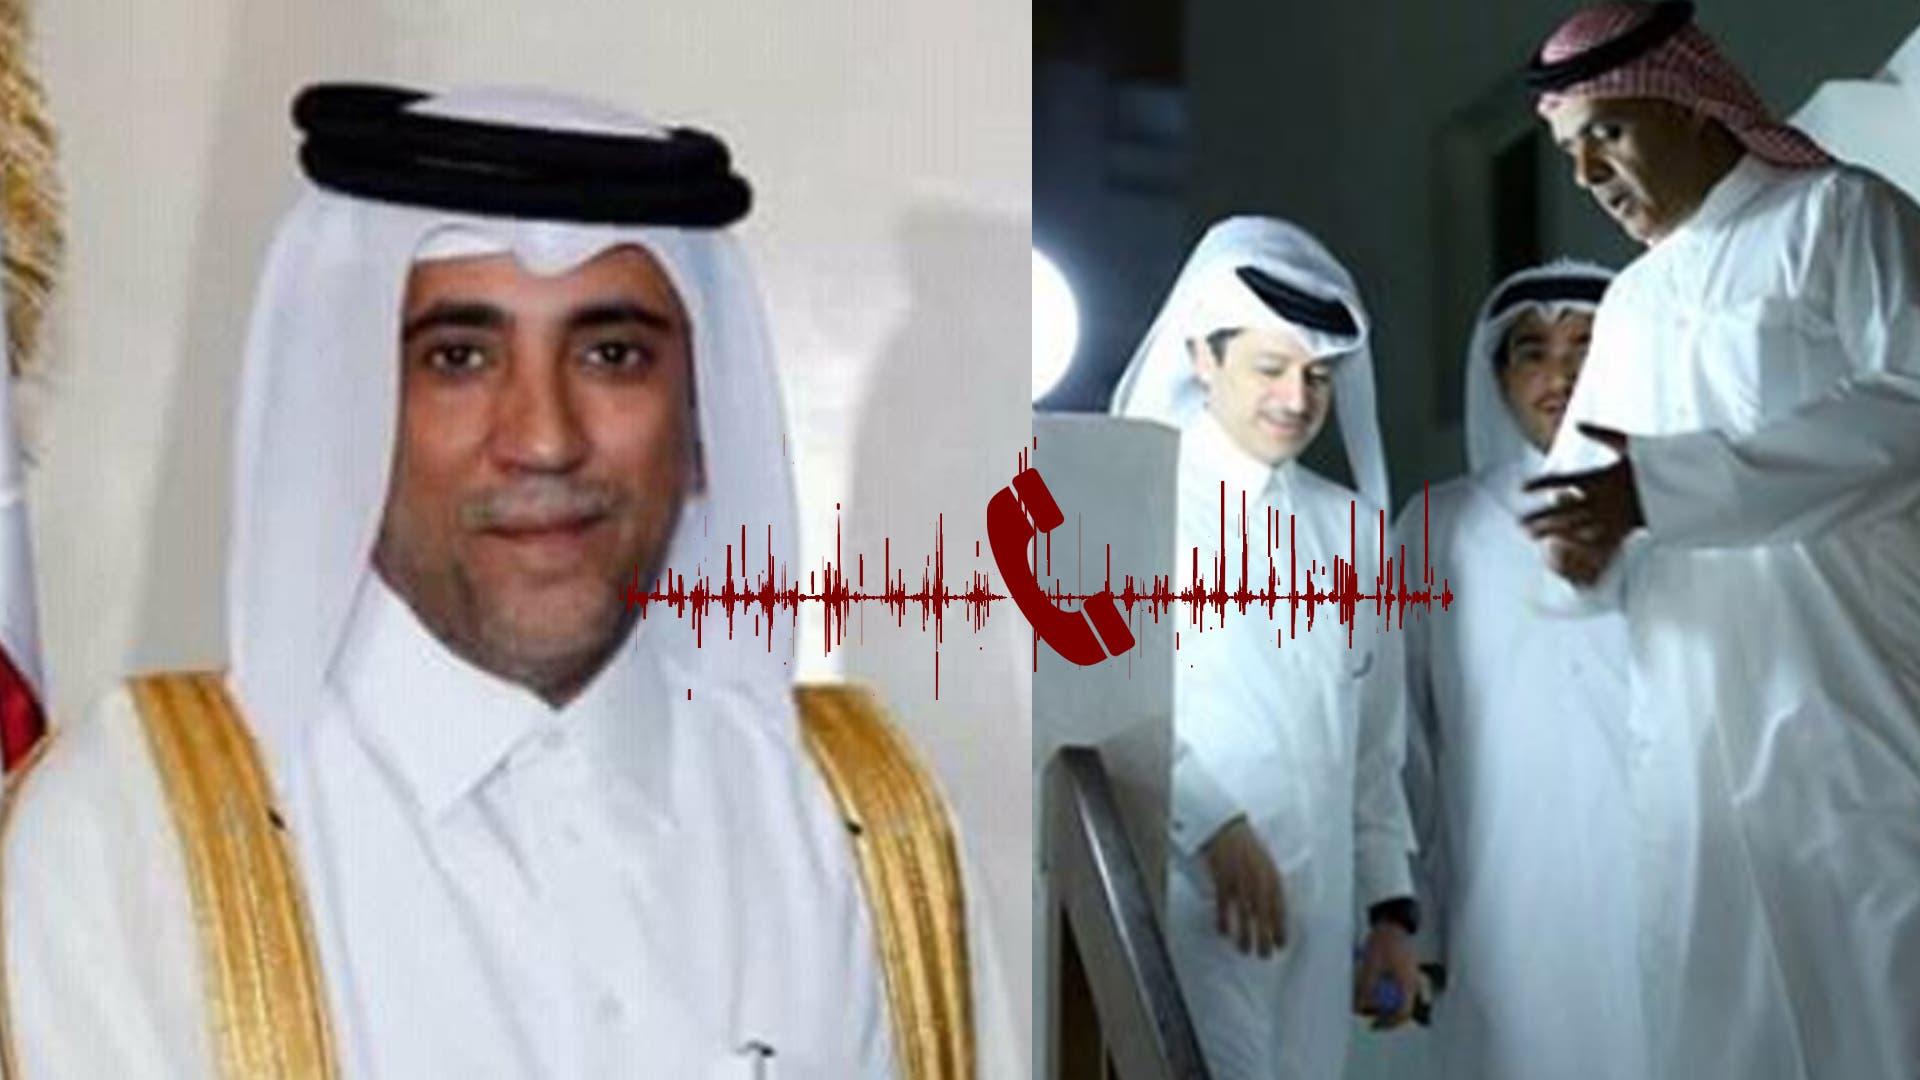 رجل أعمال مقرب من أمير قطر في مكالمة سرية